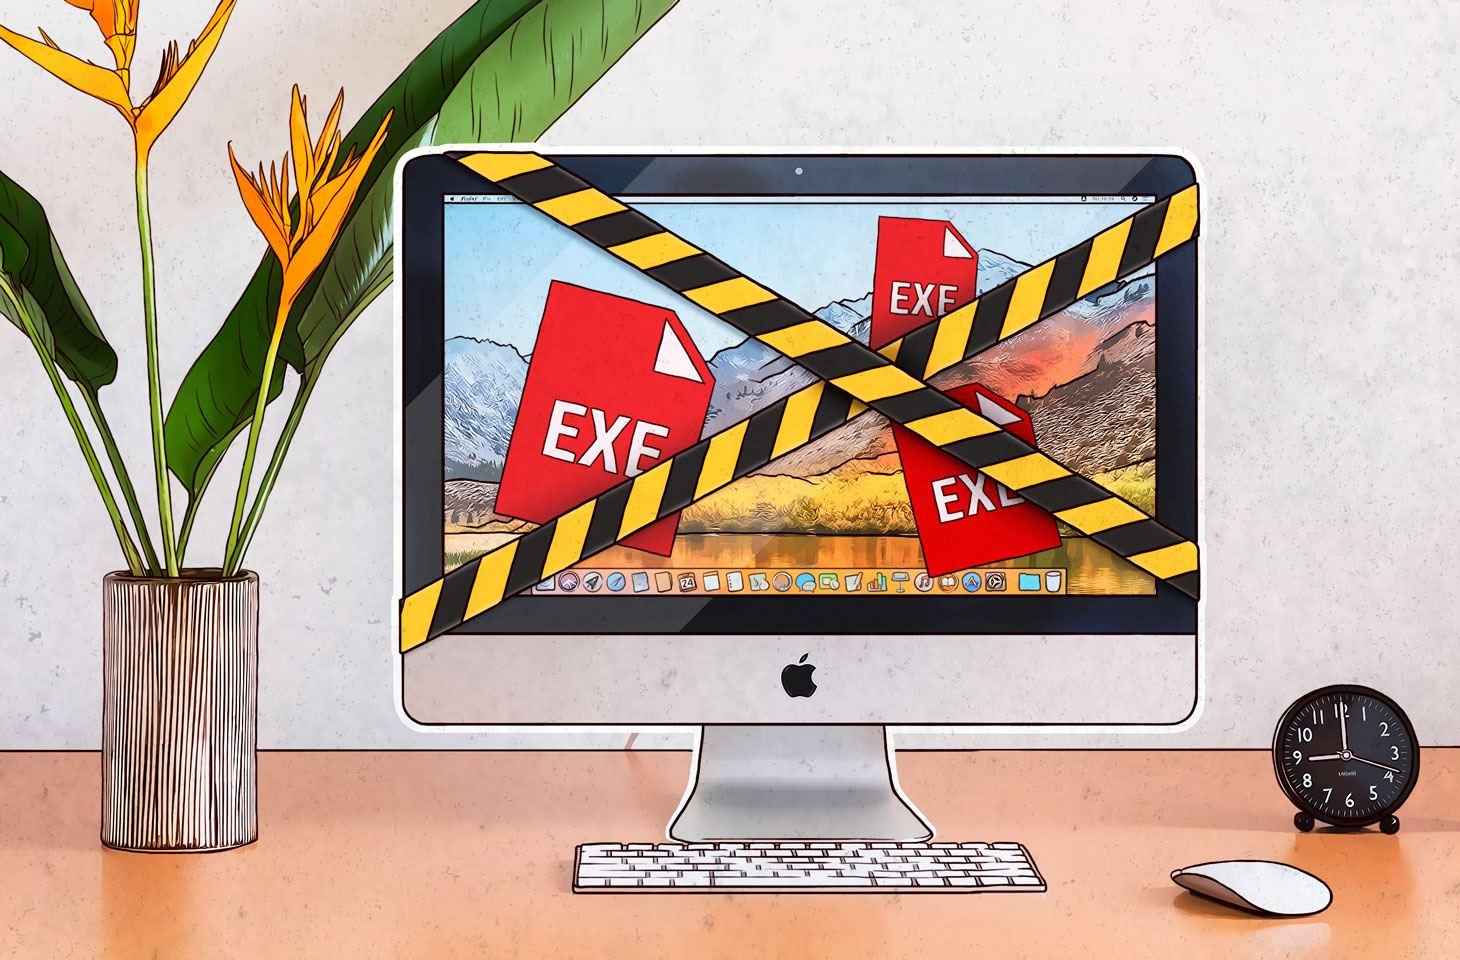 一個能夠感染Mac機的EXE檔案